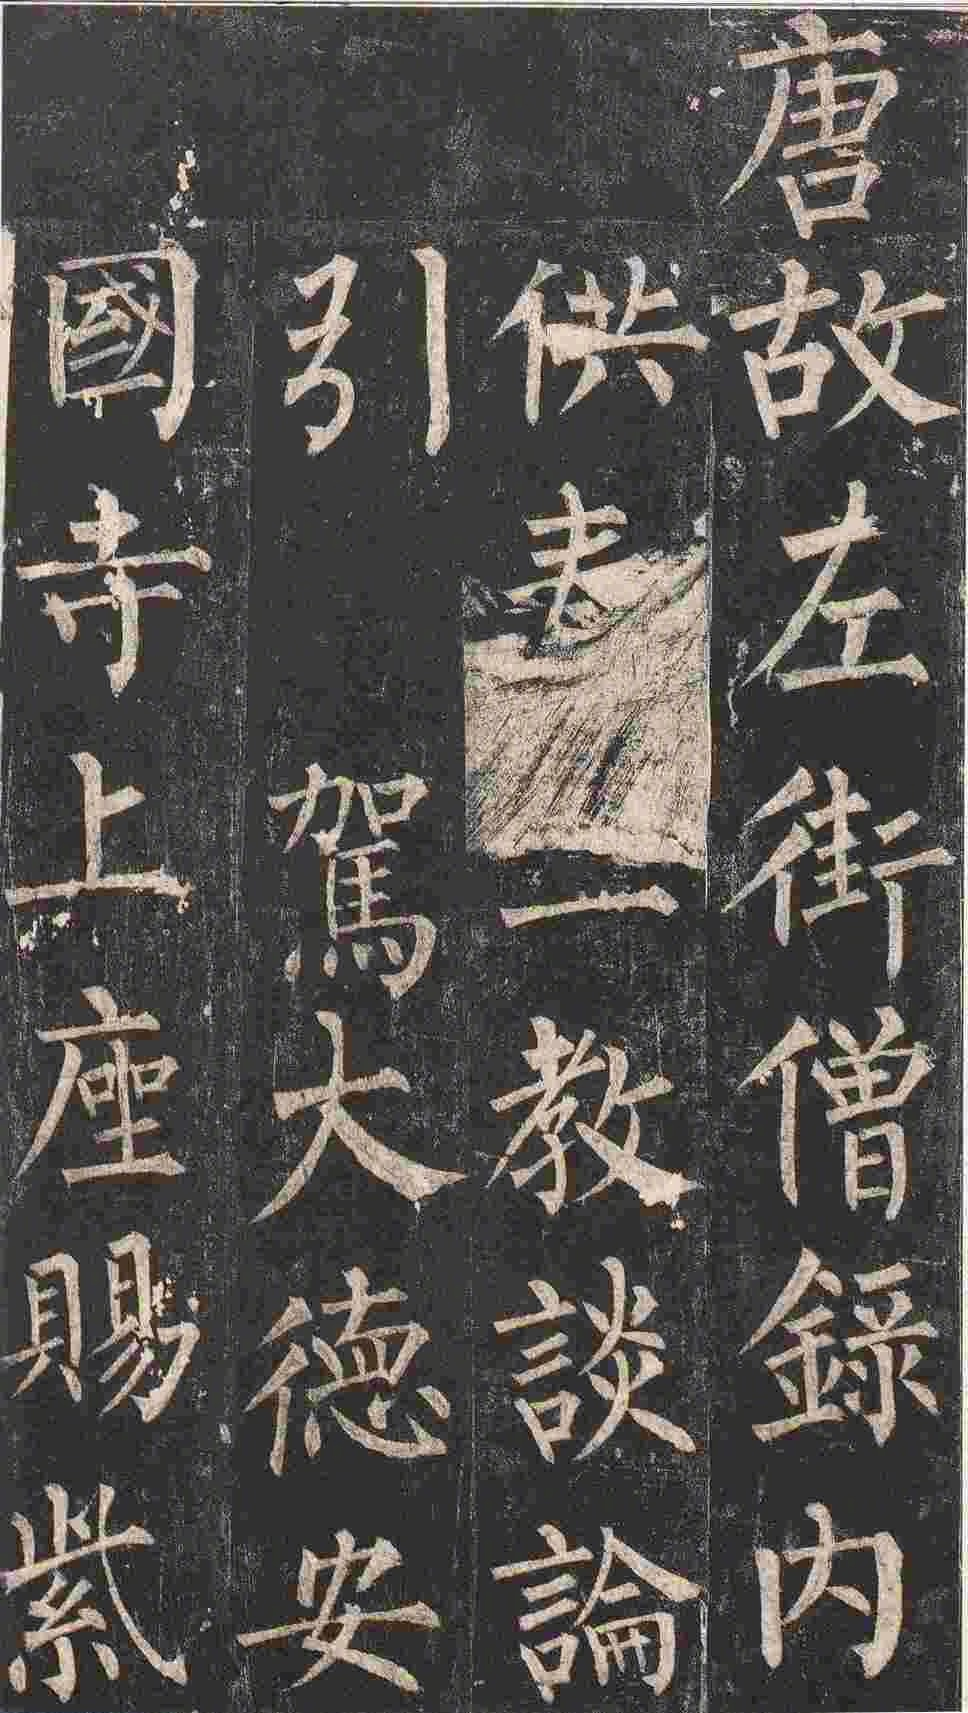 玄秘塔碑全称《唐故左街僧录内供奉三教谈论引驾大德安国寺上座赐紫大